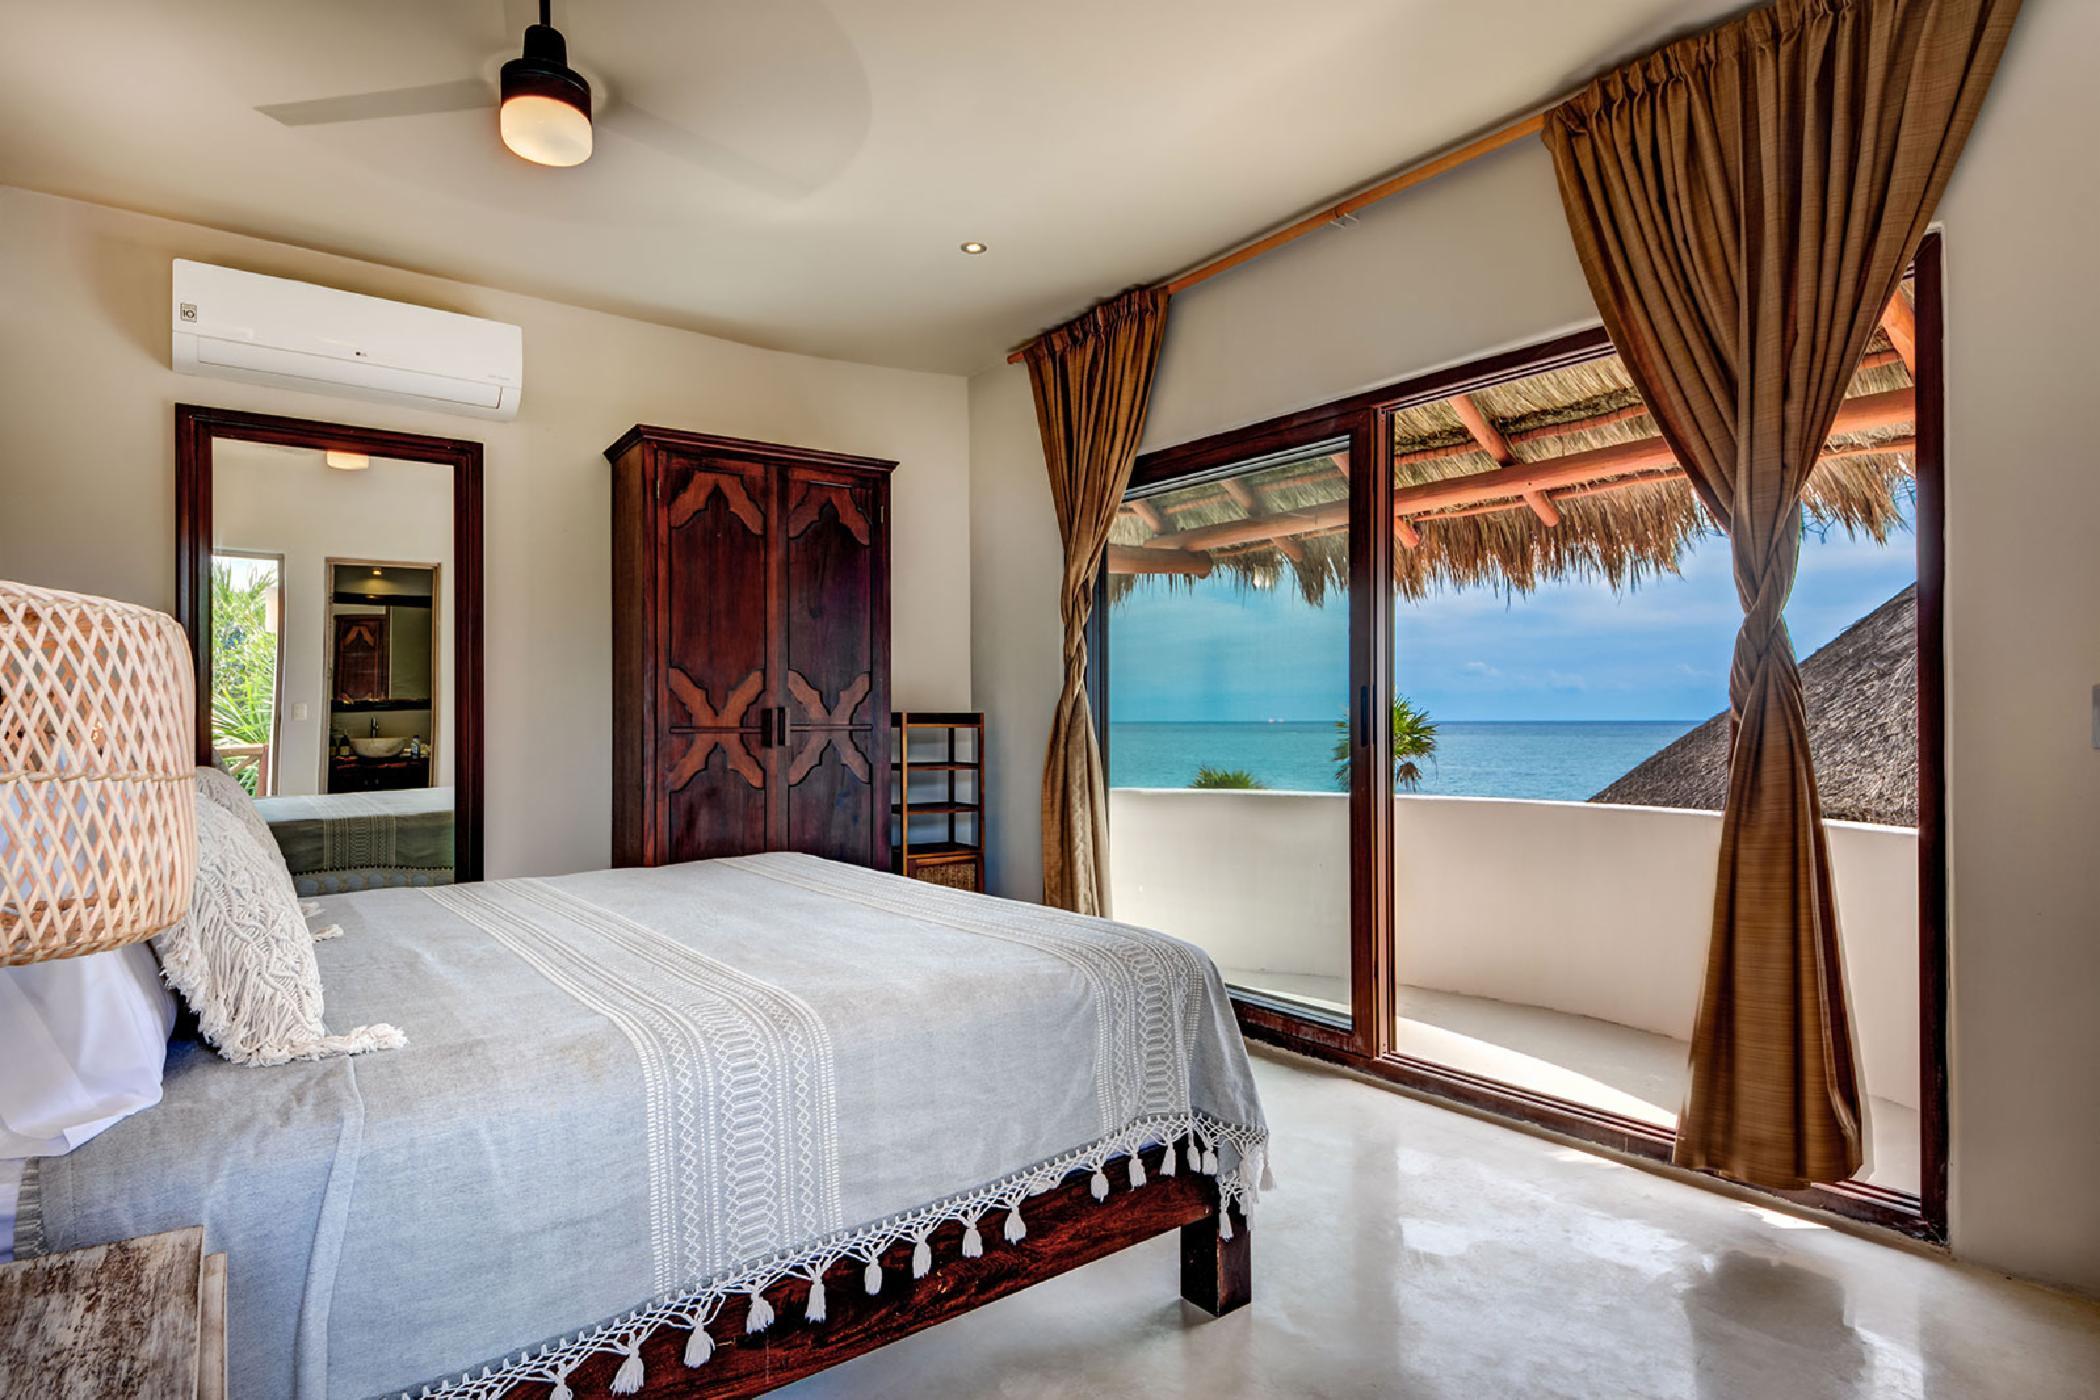 Maya_Luxe_Riviera_Maya_Luxury_Villas_Experiences_Tulum_Beach_5_Bedrooms_Villa_Miramar_24.jpg